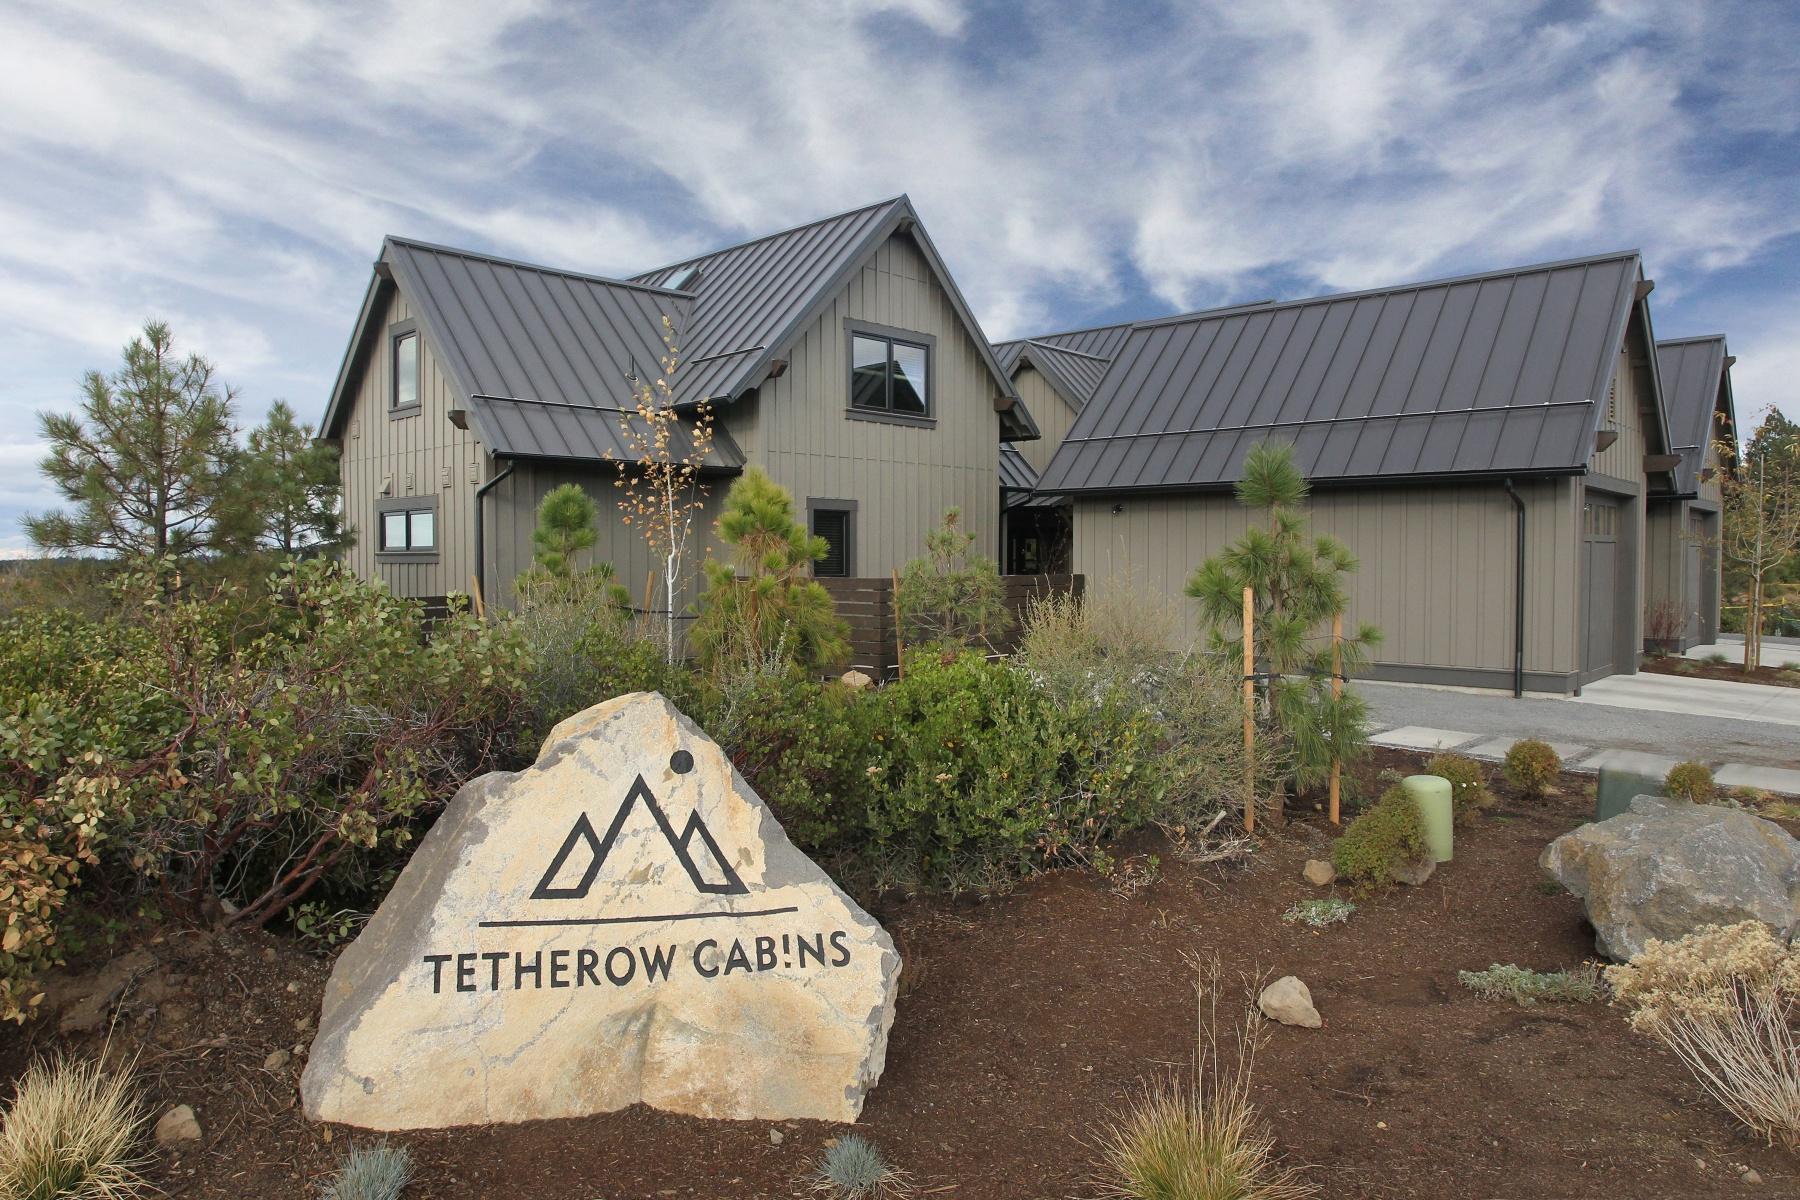 Maison unifamiliale pour l Vente à Tetherow Resort Cabin 19363 Blue Bucket Ln 18 Bend, Oregon, 97702 États-Unis